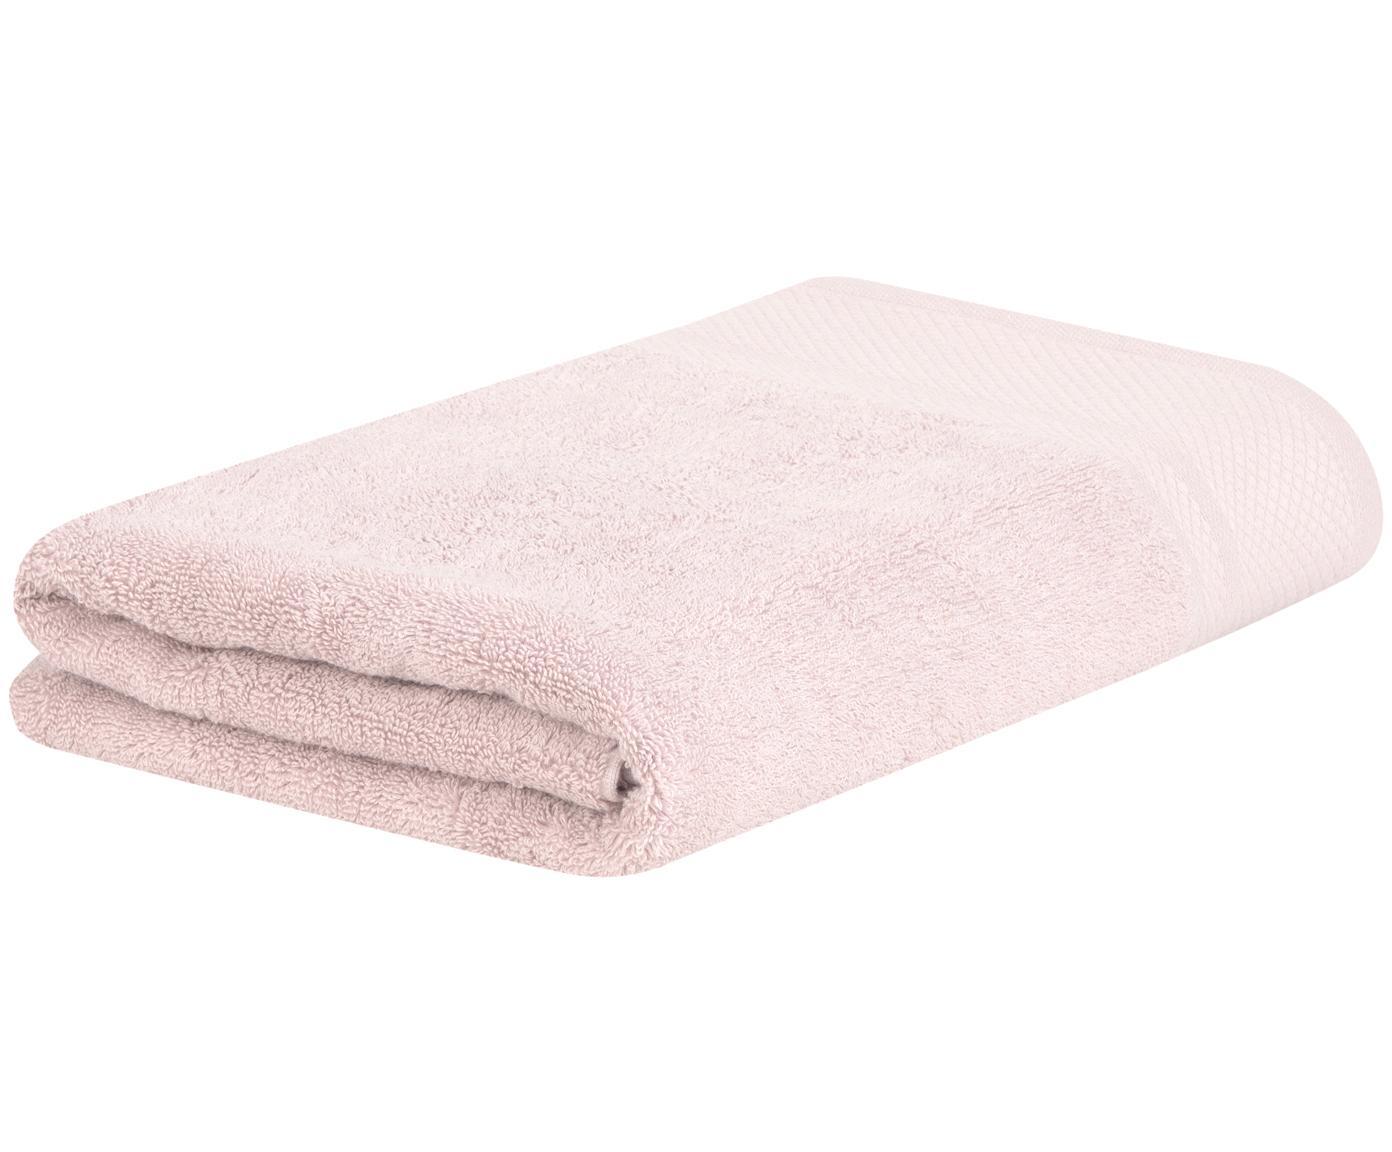 Handdoek Premium, 100% katoen, zware kwaliteit, 600 g/m², Oudroze, XS gastenhanddoek